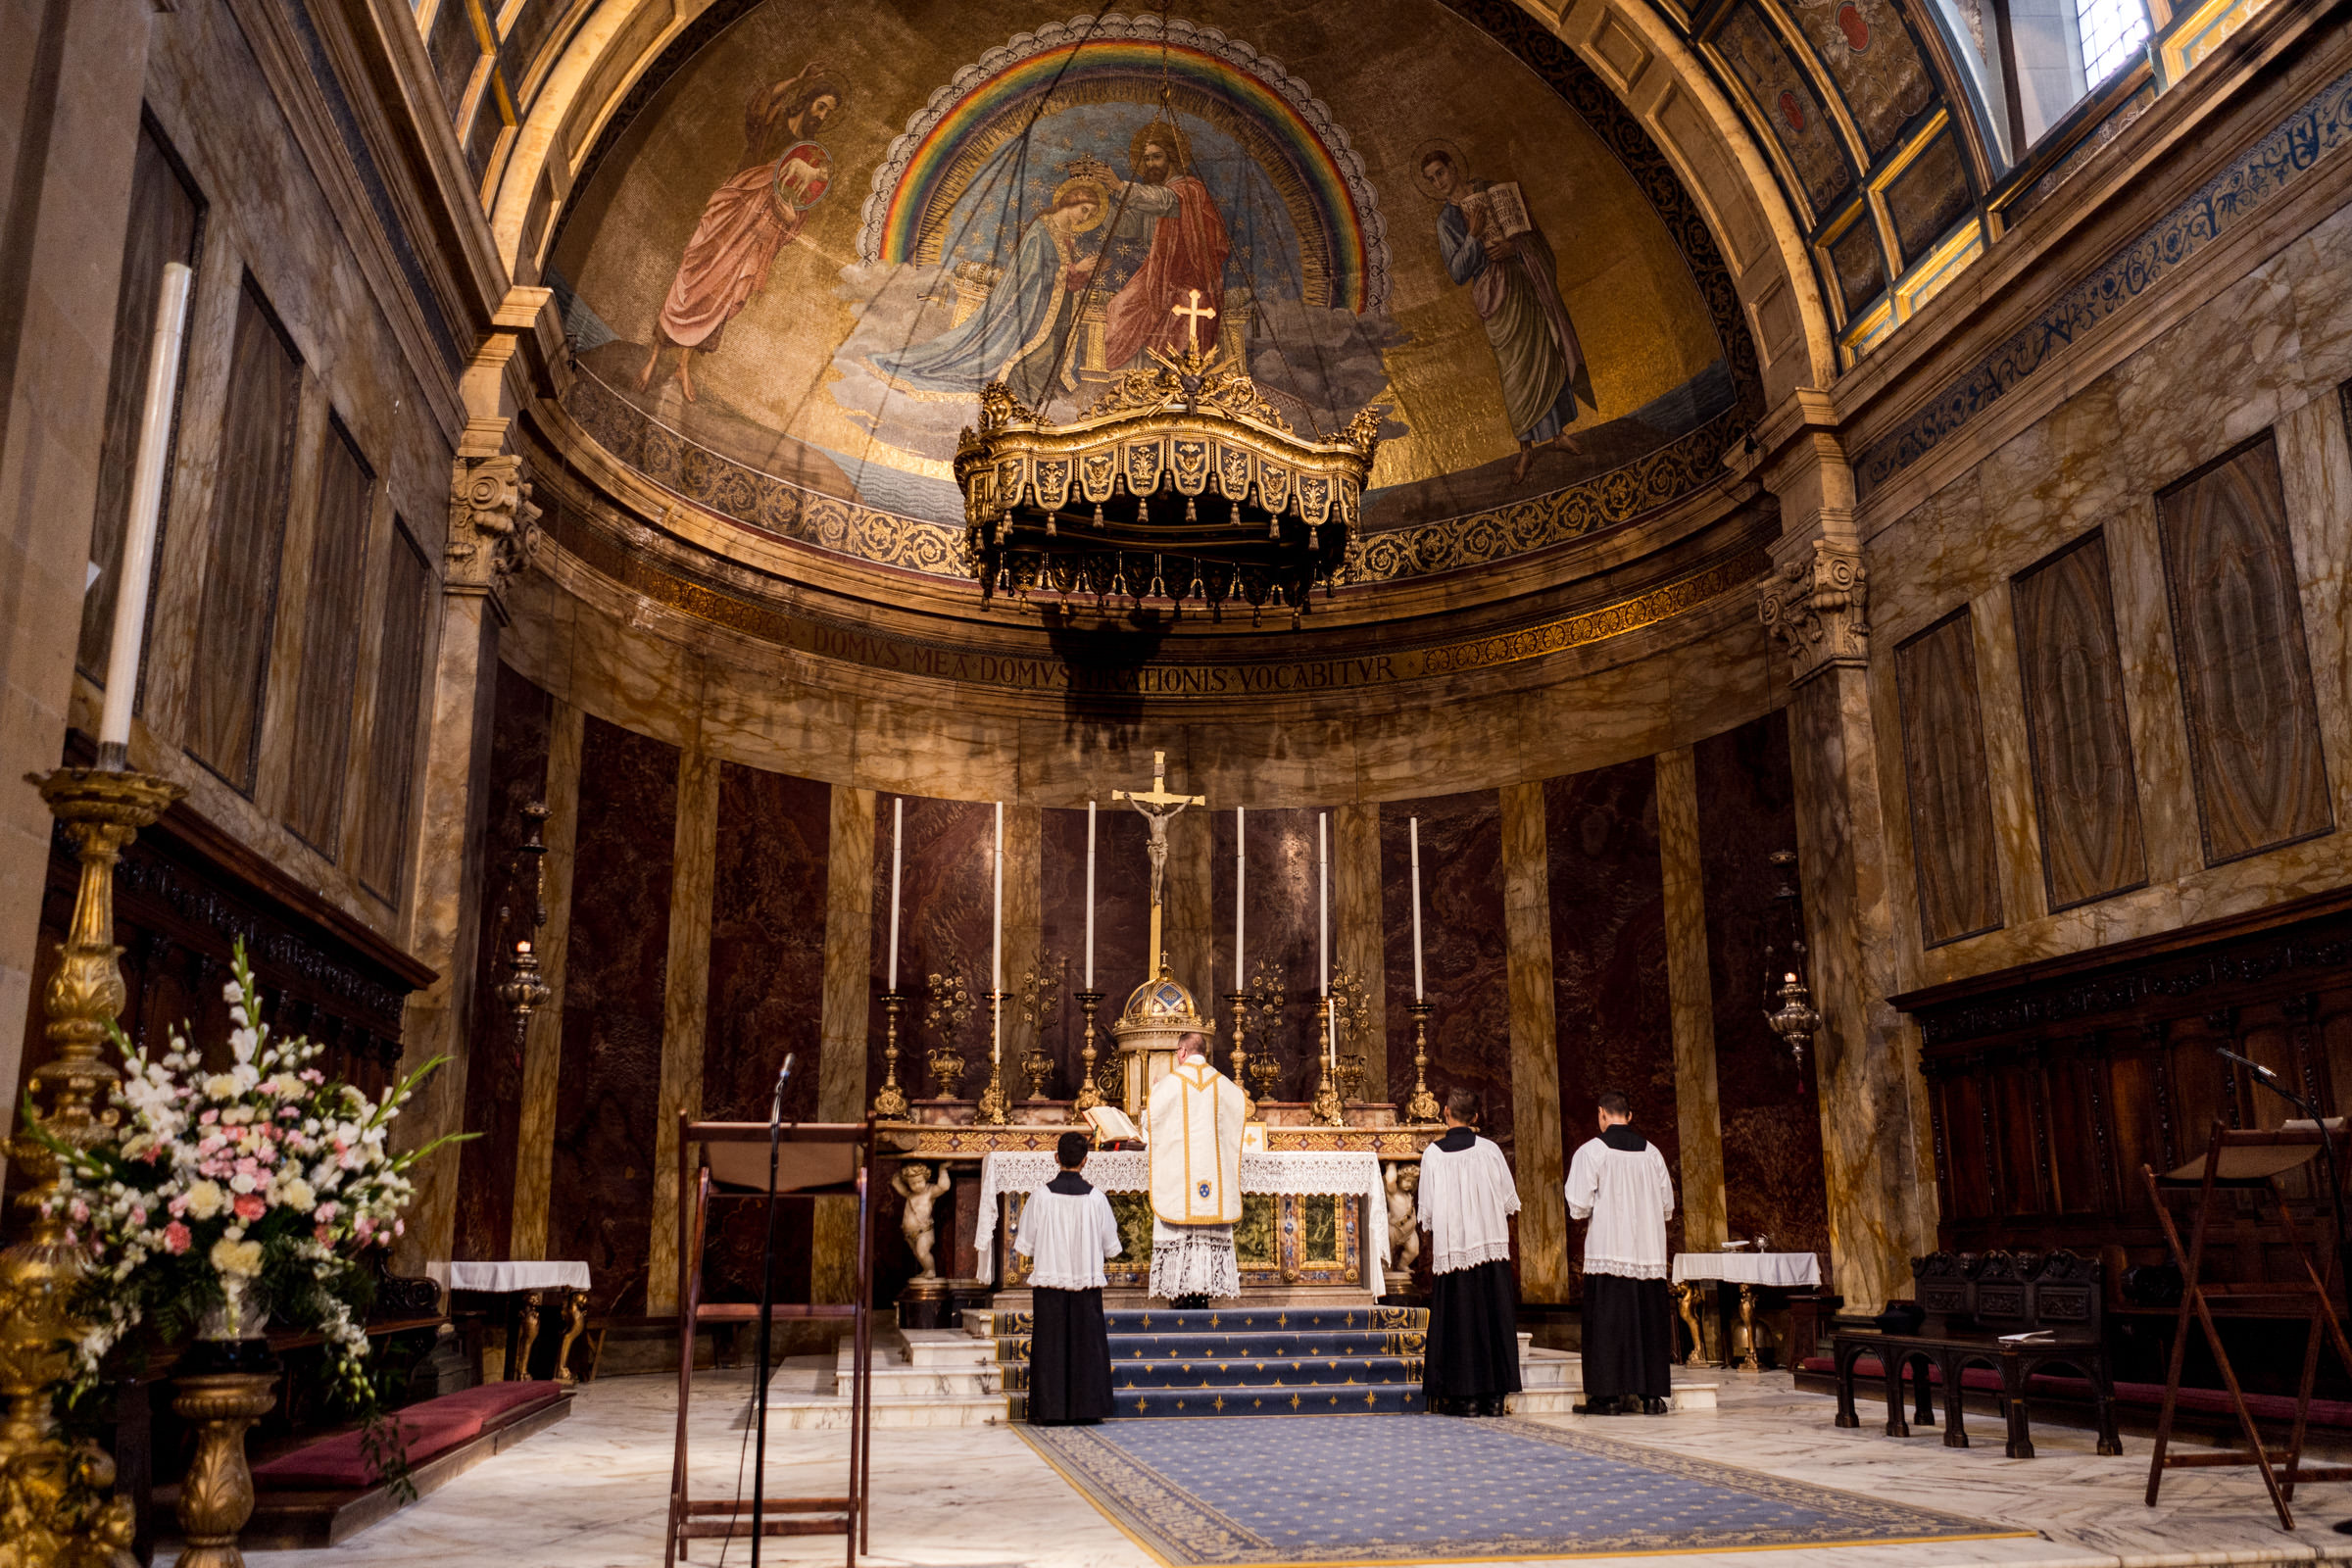 圣何塞·卢卡斯·安德鲁斯的设计:圣何塞的婚礼